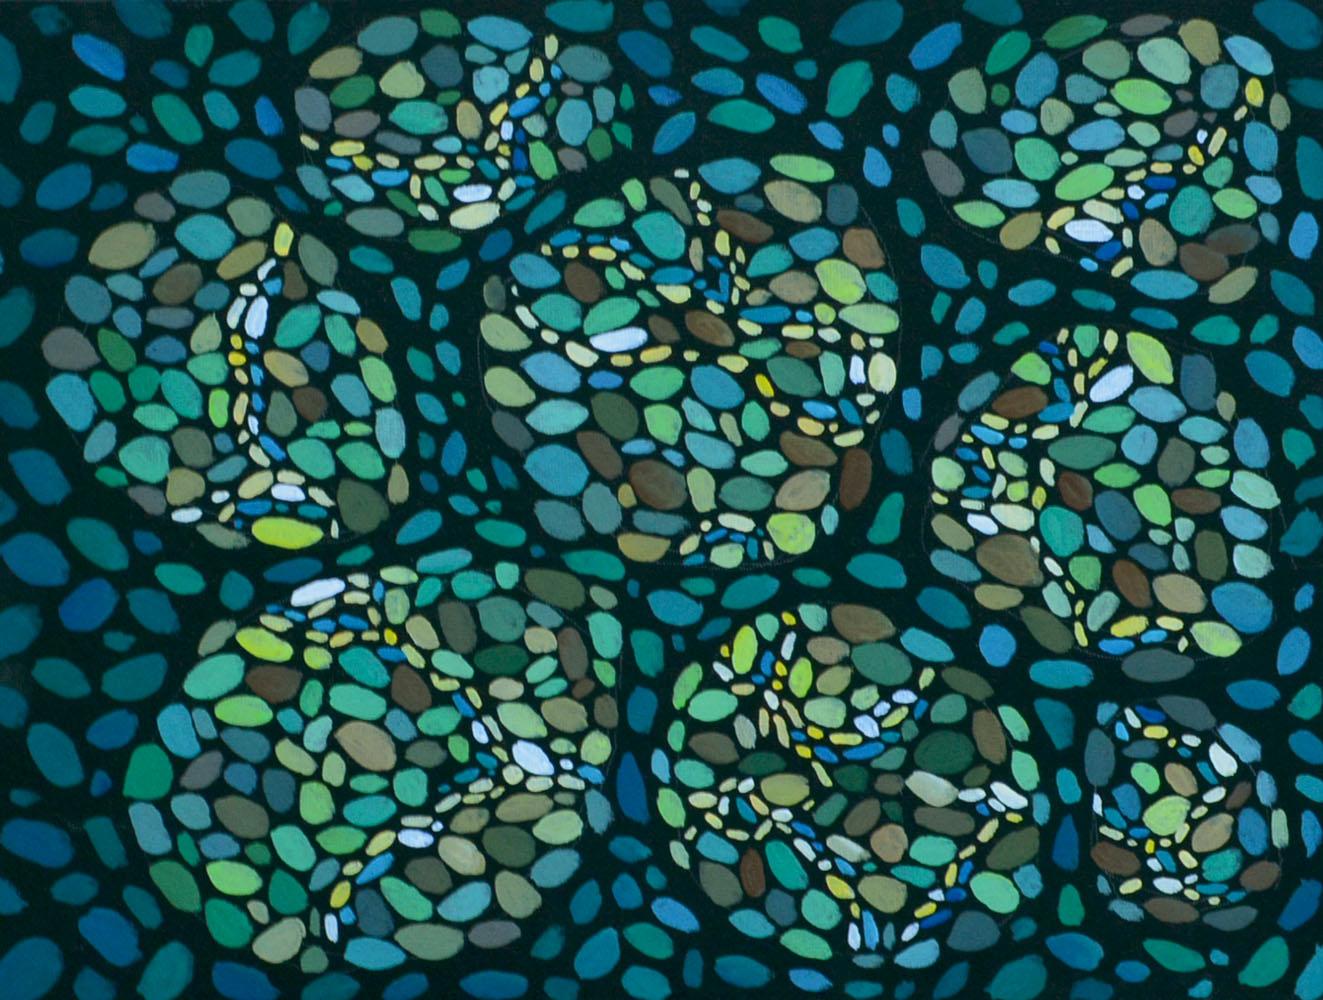 Морские камешки картина темперой, холст, темпера, 30х40 см, картина темперой на холсте, картина художника, живопись темперой, уникальная необычная картина художник Мария Текун maryatekun.ru